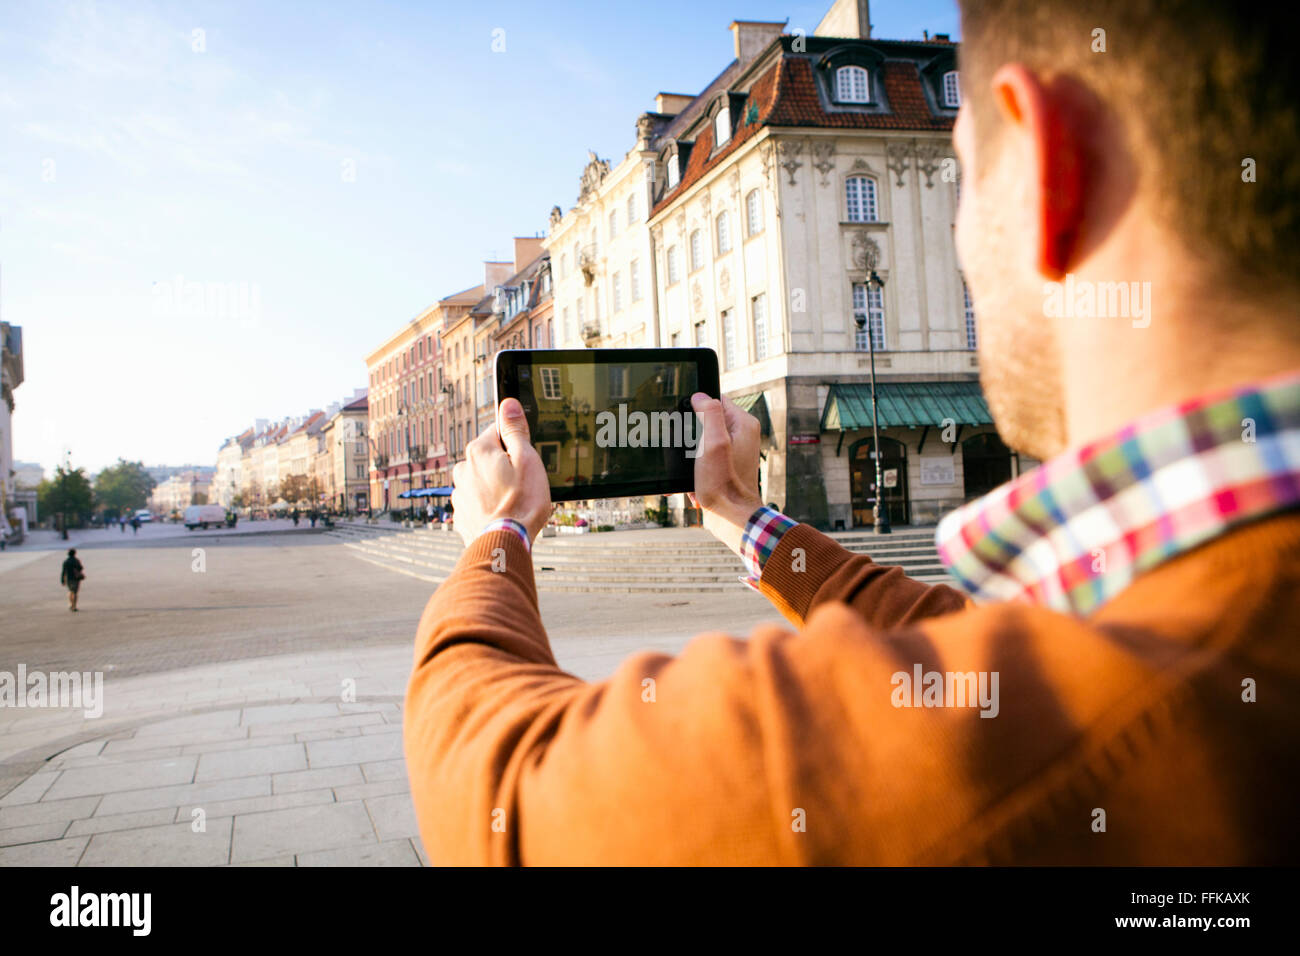 O homem numa pausa na cidade de tirar uma foto com telefone smart Imagens de Stock